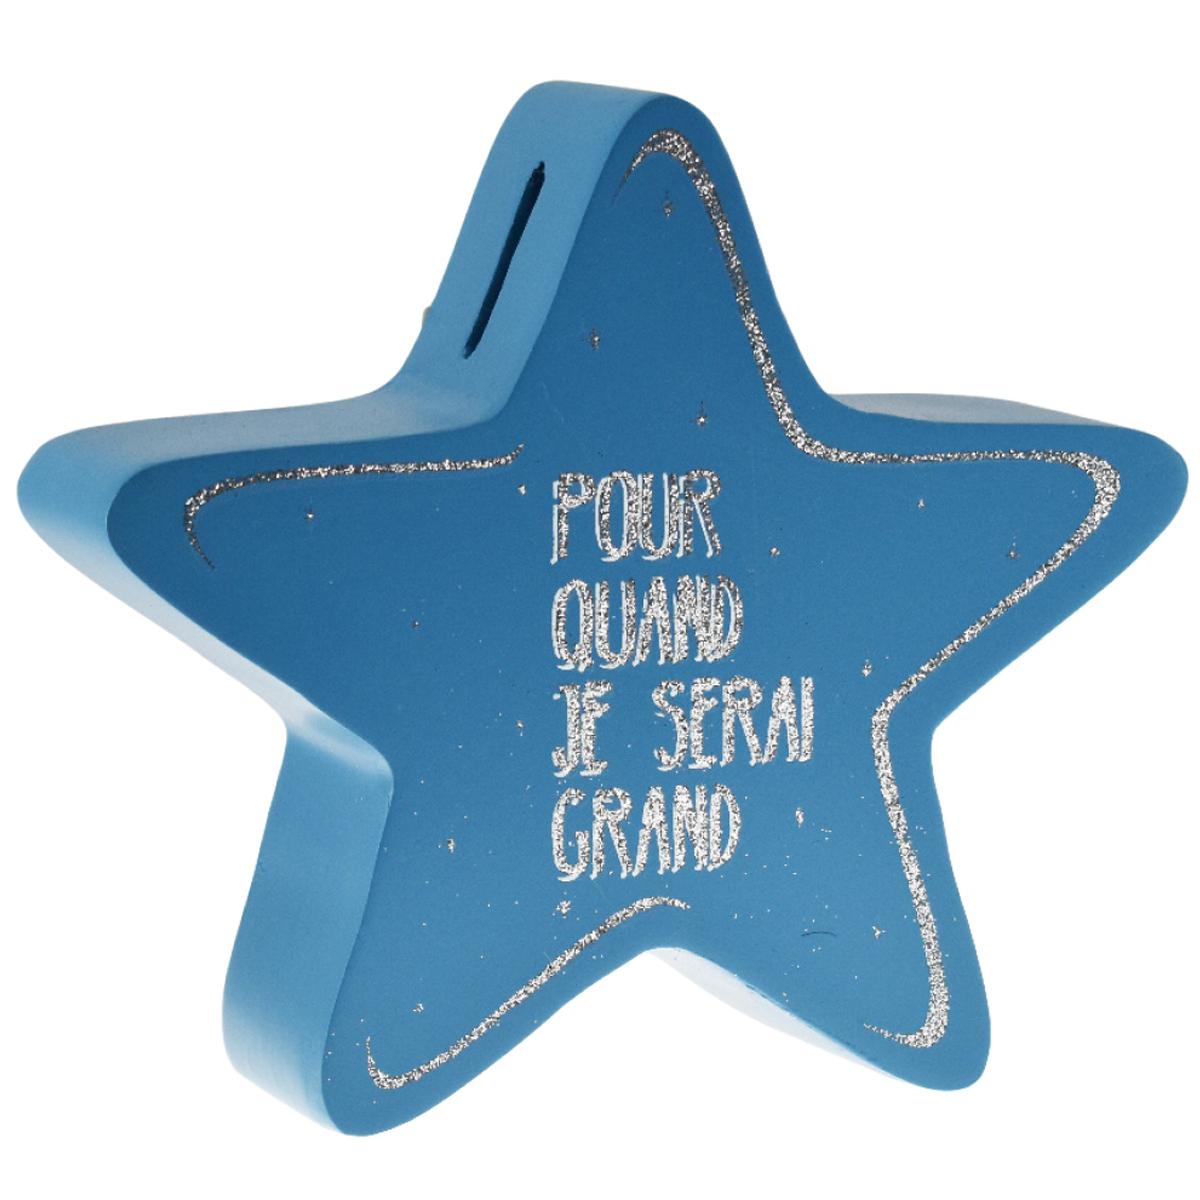 Tirelire bois \'Messages\' bleu (pour quand je serai grand) - 18x16x5 cm  (étoile) - [R0490]